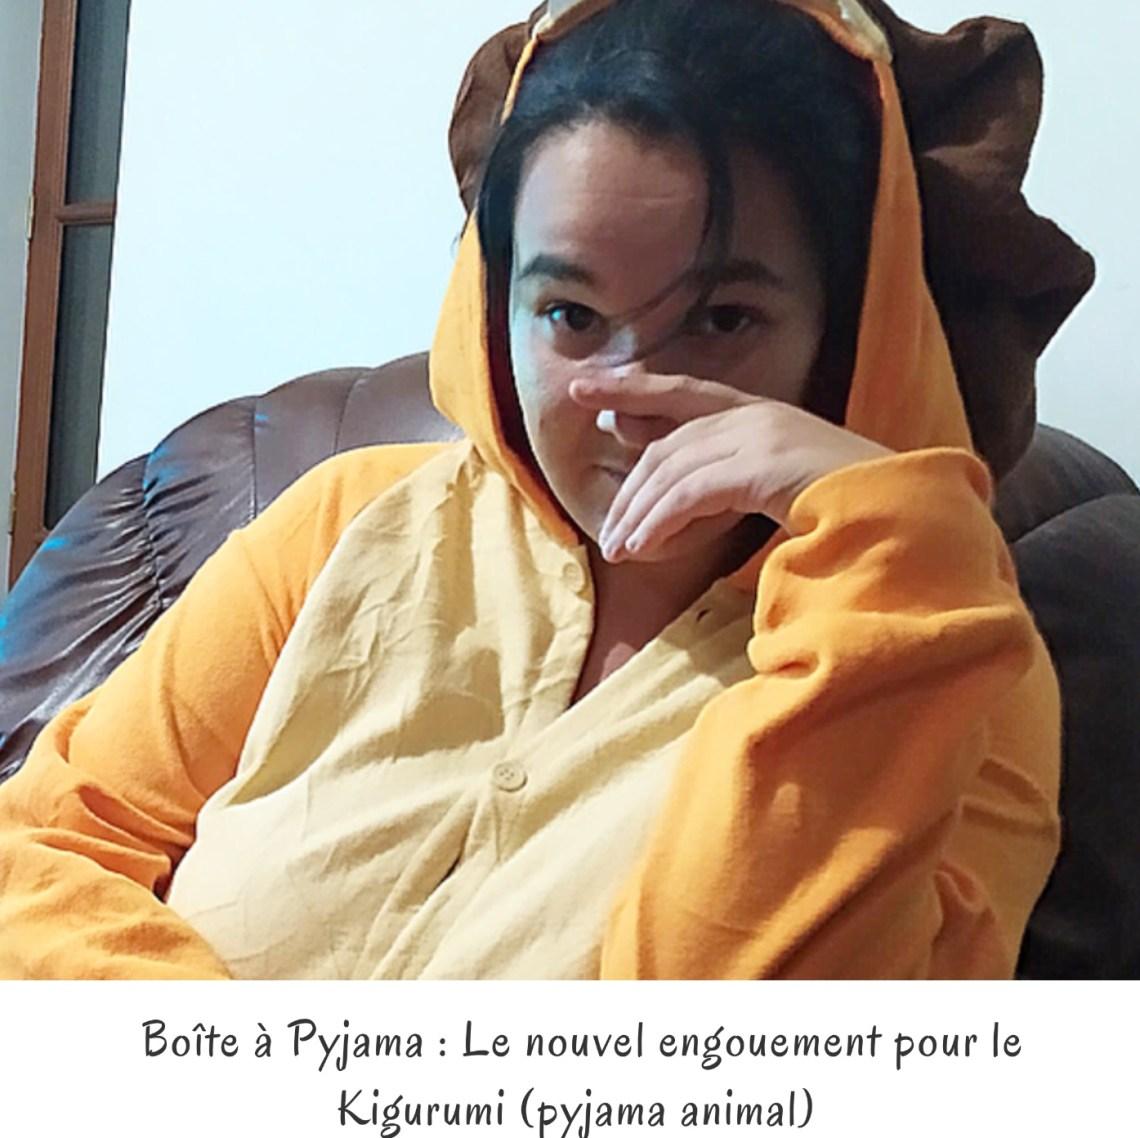 Boîte à Pyjama : Le nouvel engouement pour le Kigurumi (pyjama animal)